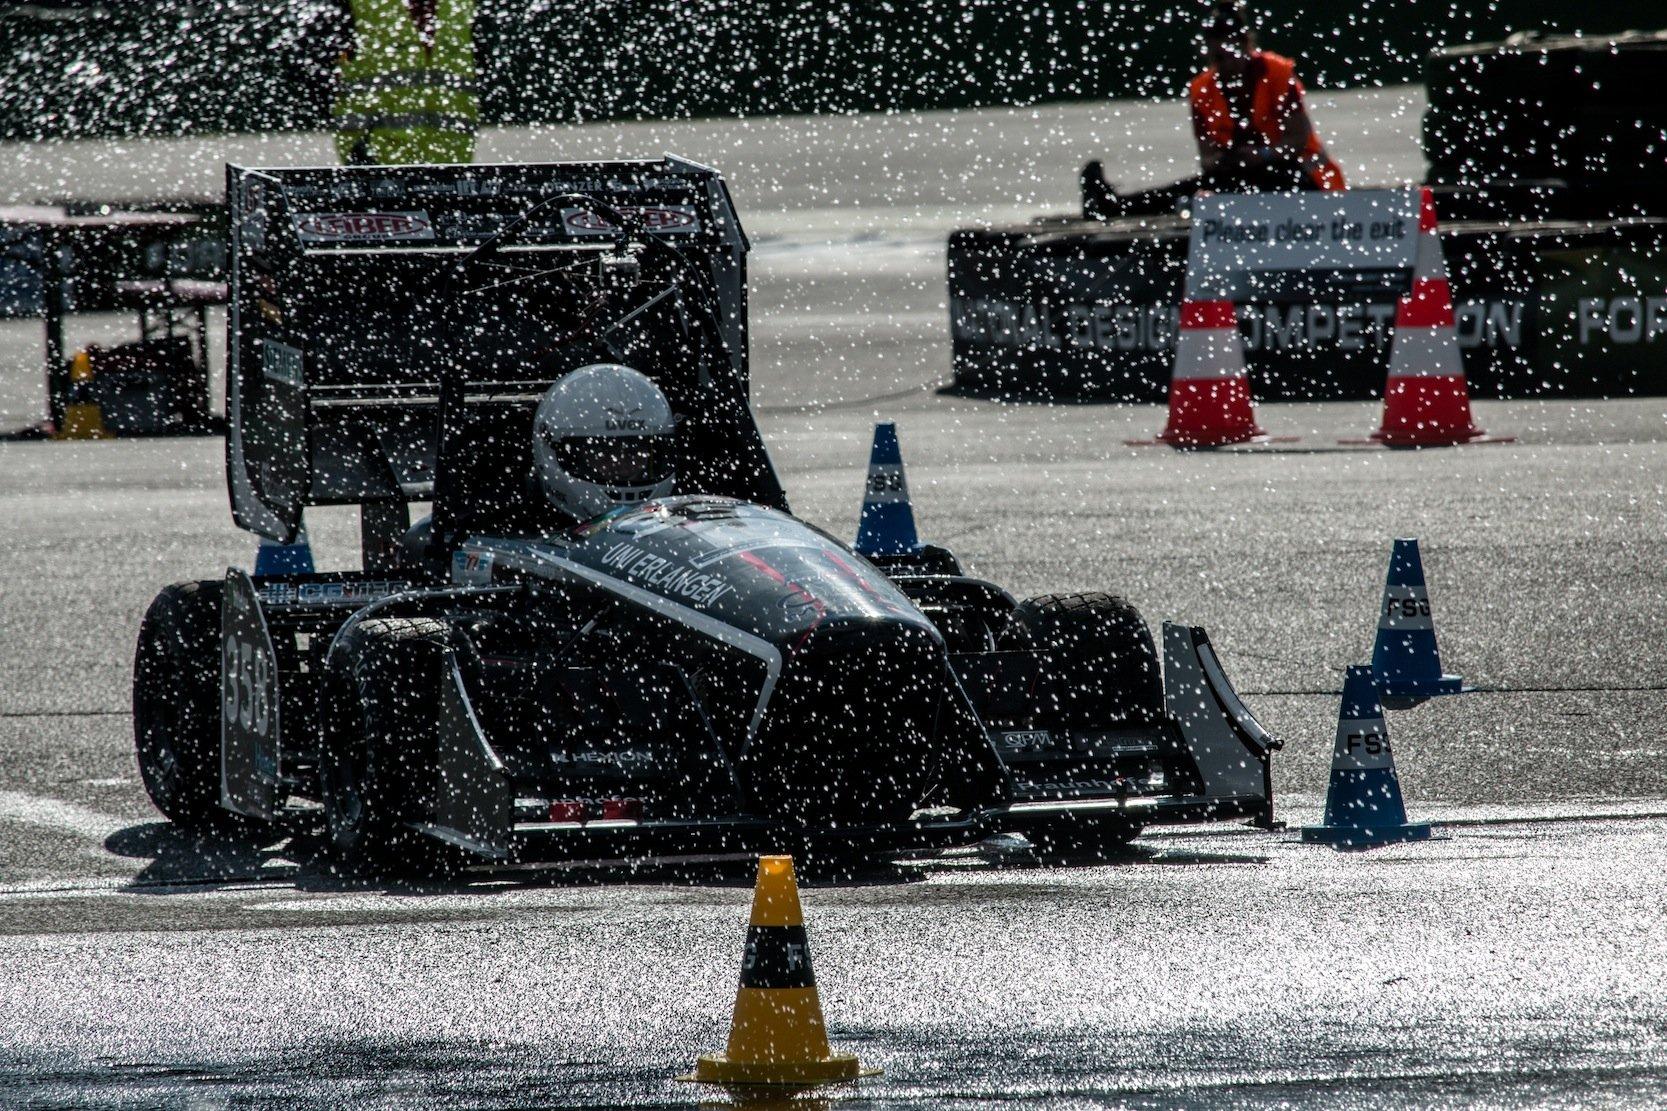 Die Teams aus der gesamten Welt lieferten sich spannende Rennen.